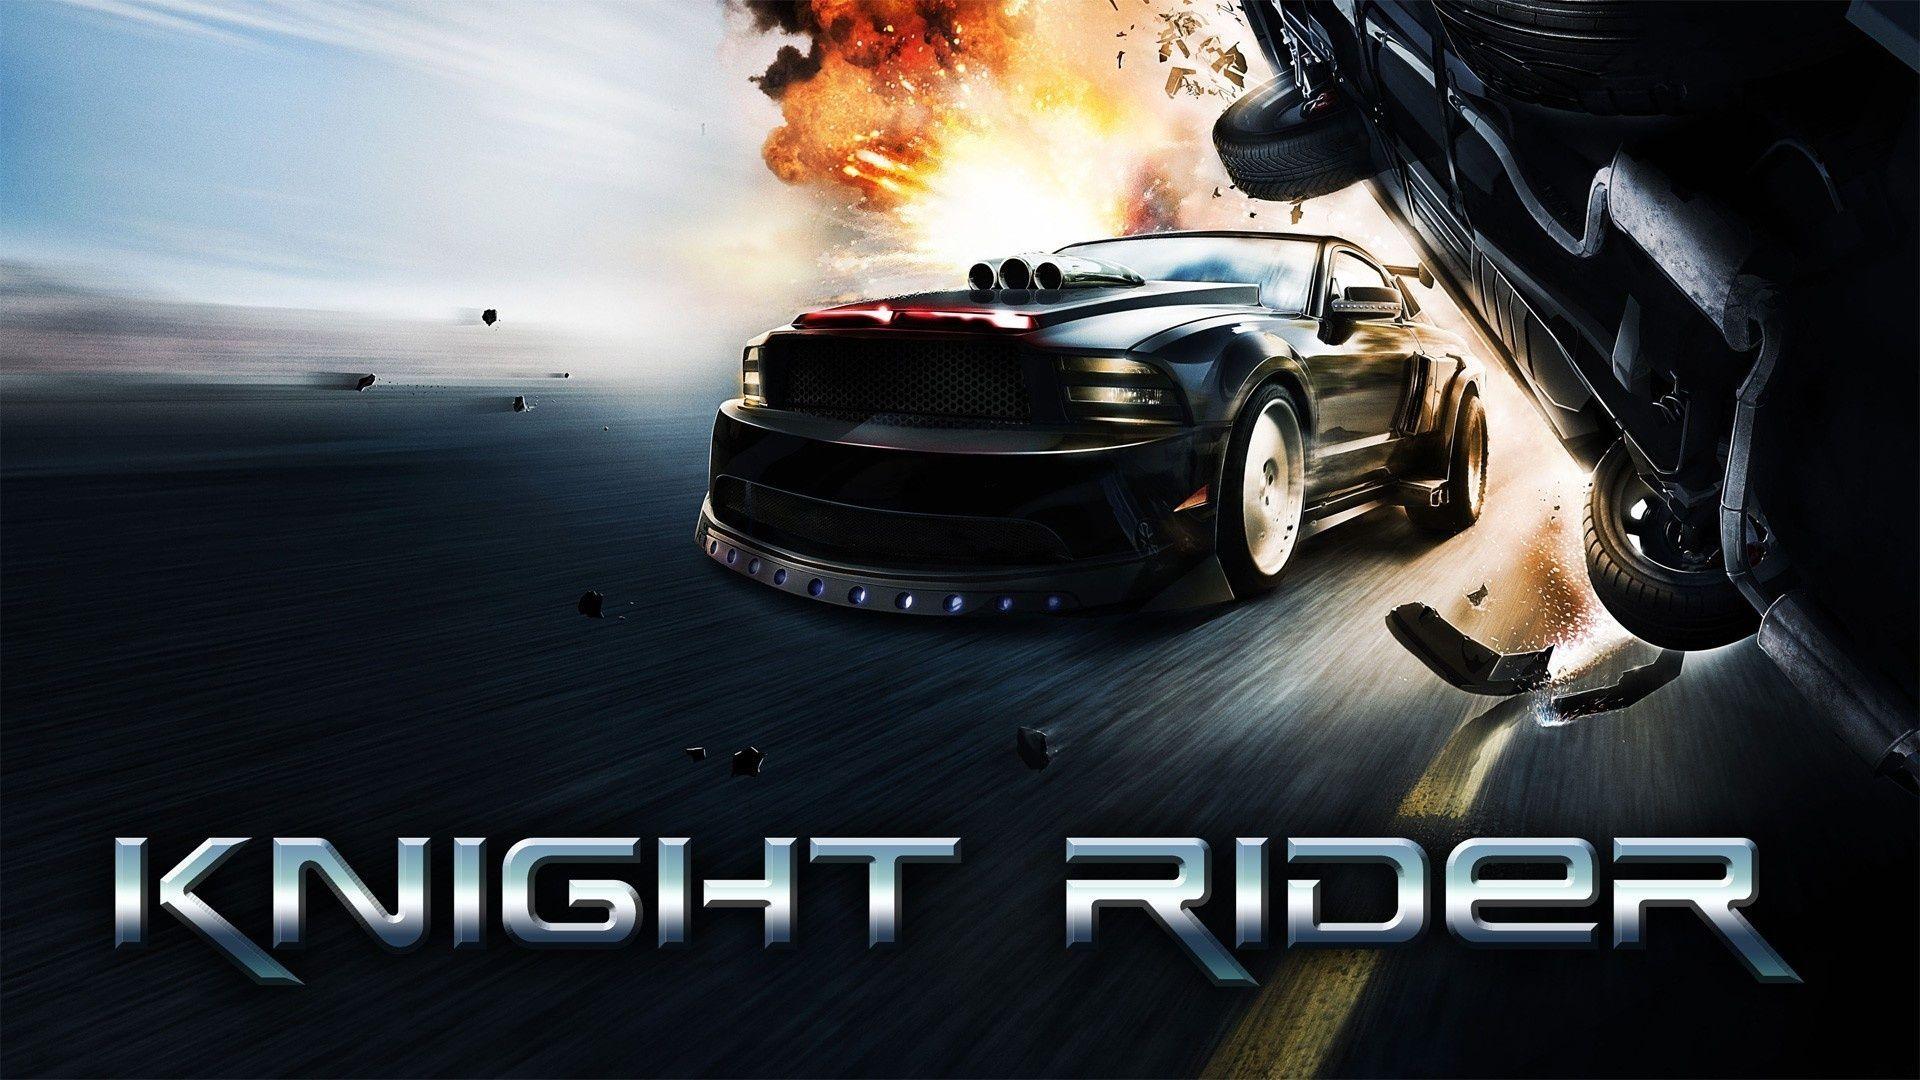 knight rider 2008 kitt | Knight Rider Desktop Wallpapers and